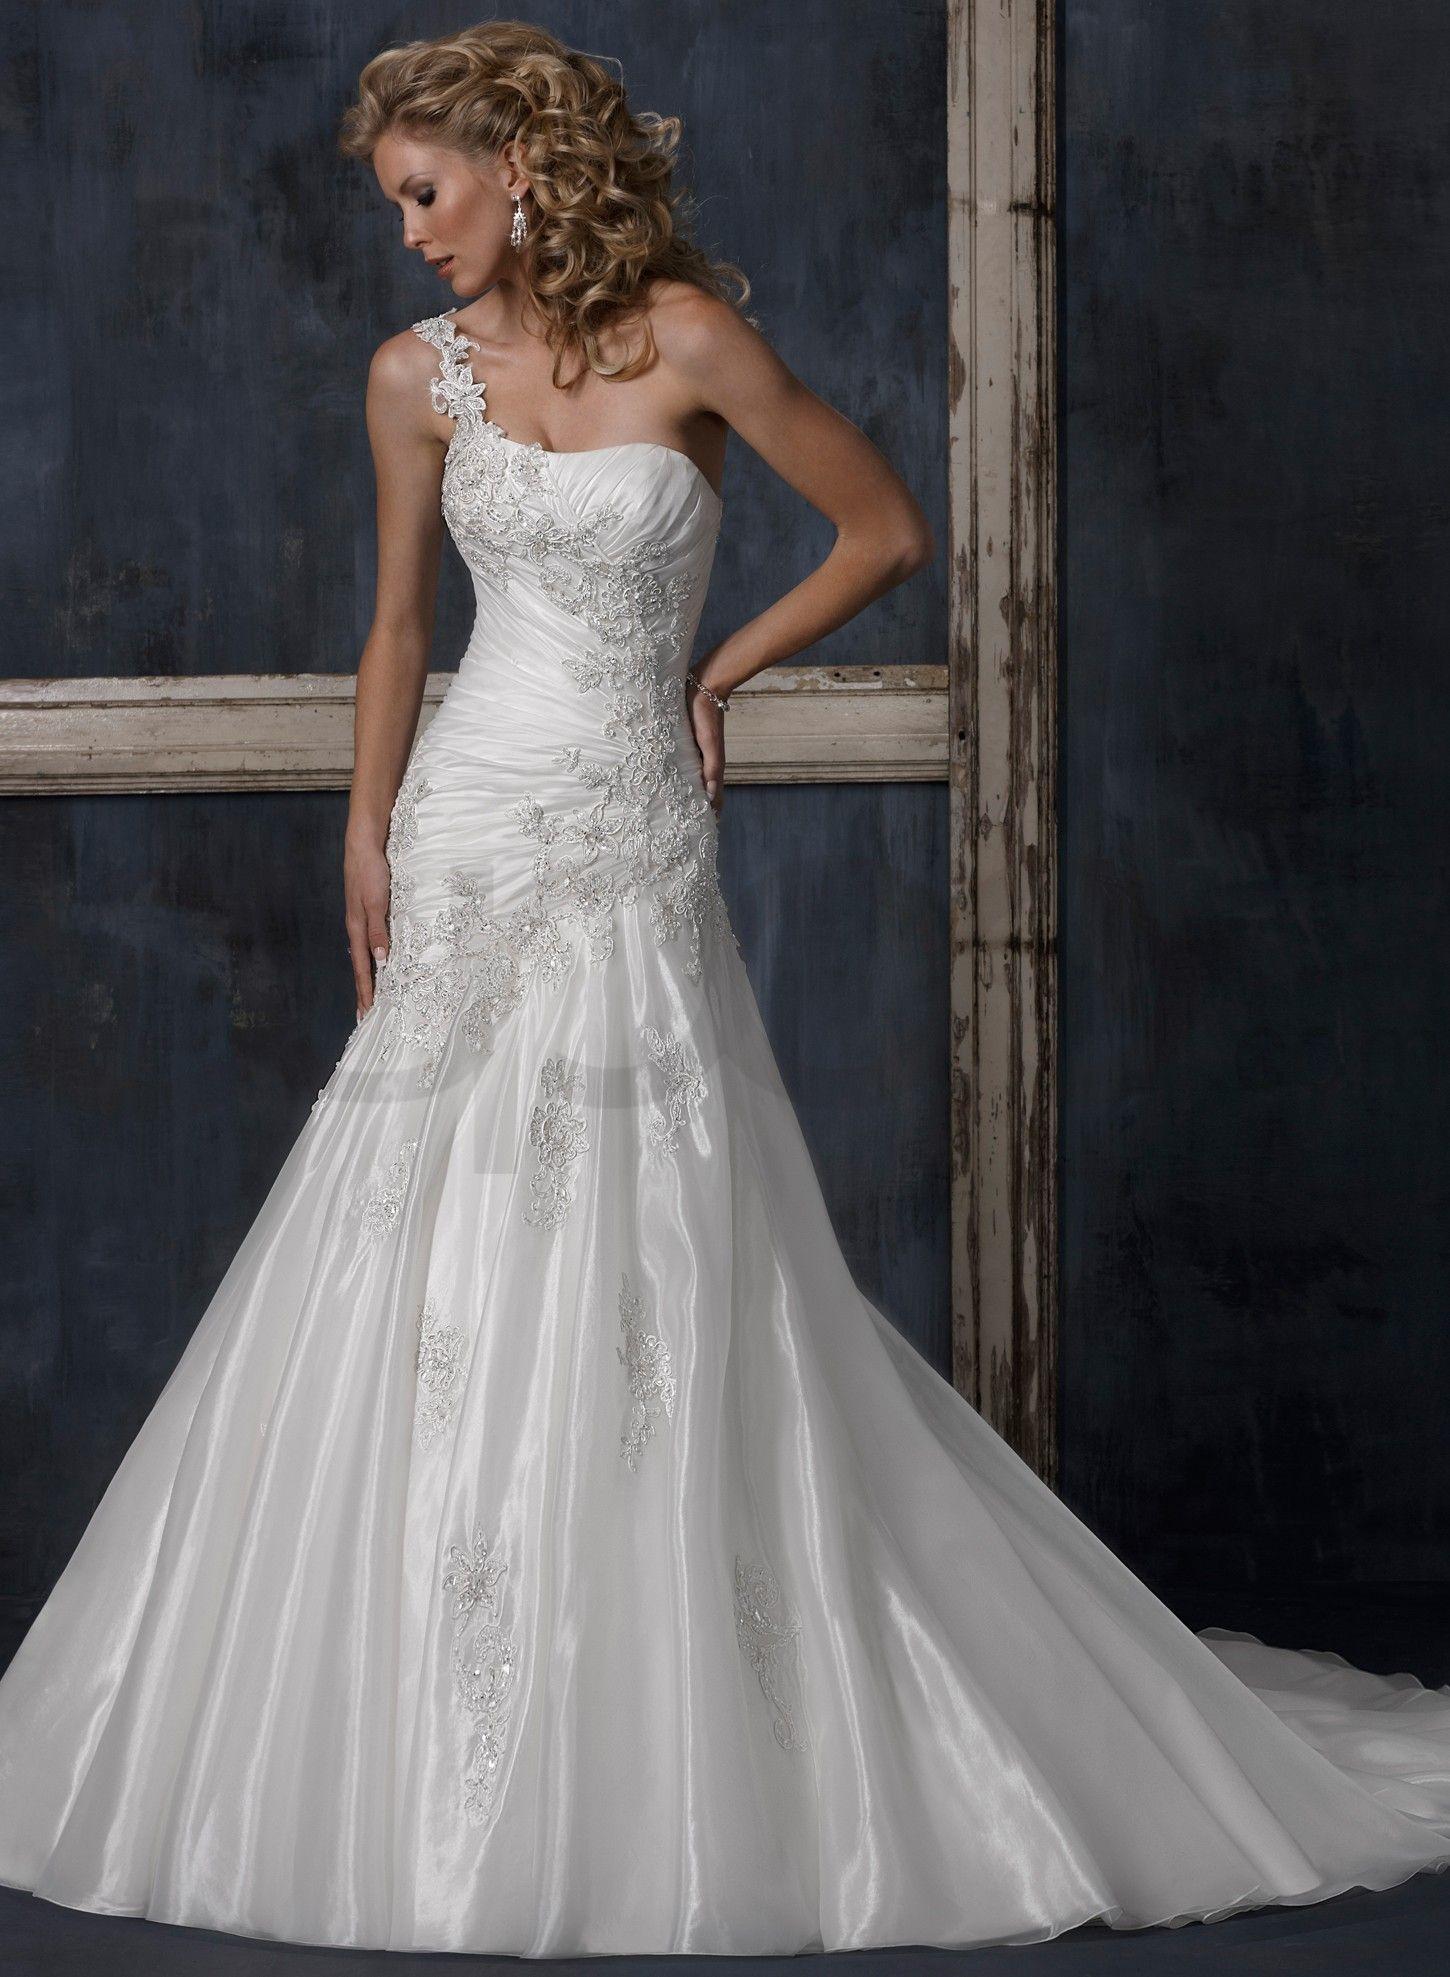 Crystal organza Oneshoulder Strap Neckline Aline Wedding